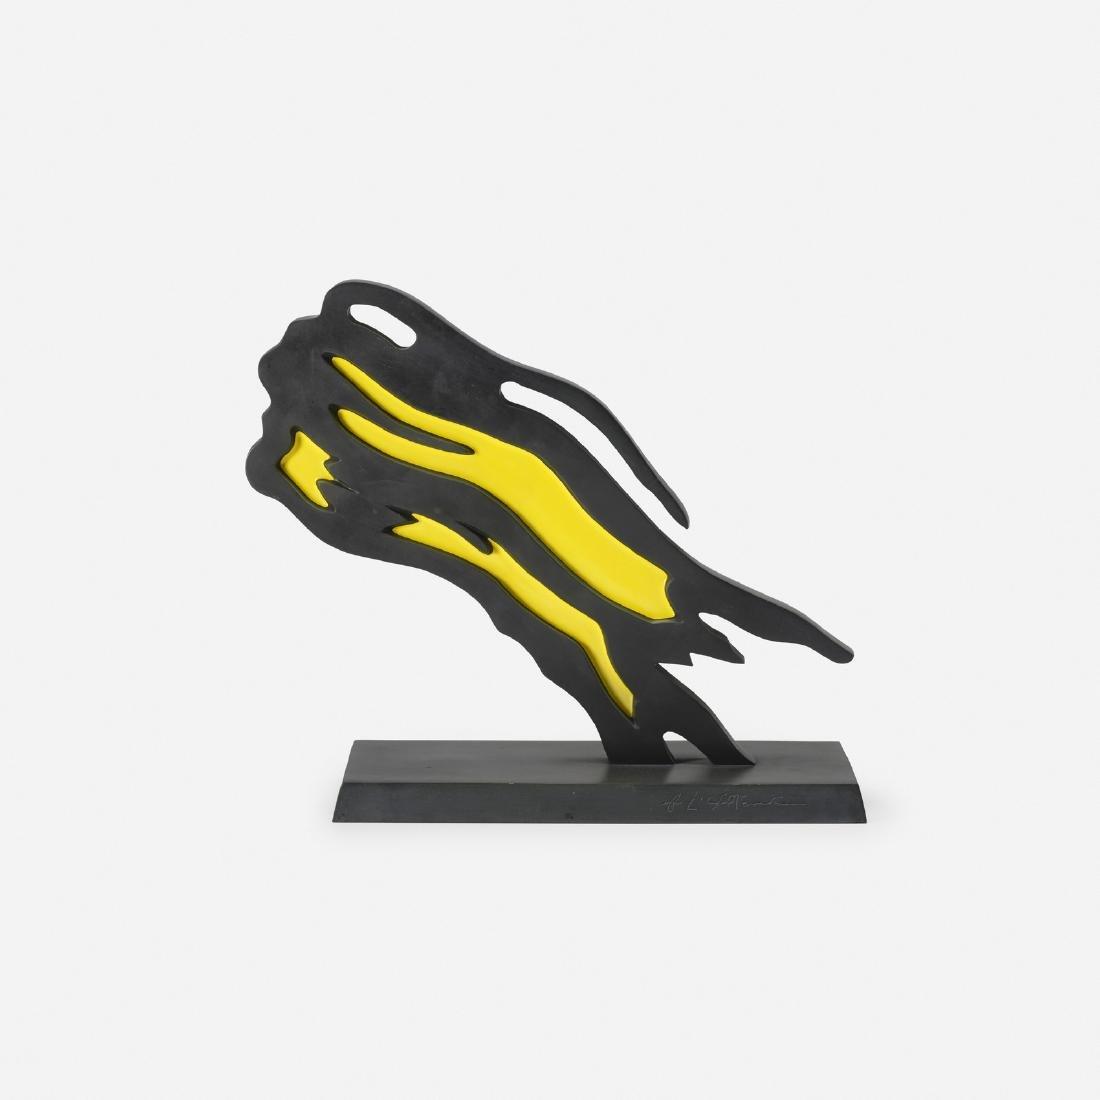 Roy Lichtenstein, Weisman Award (Yellow Brushstroke)